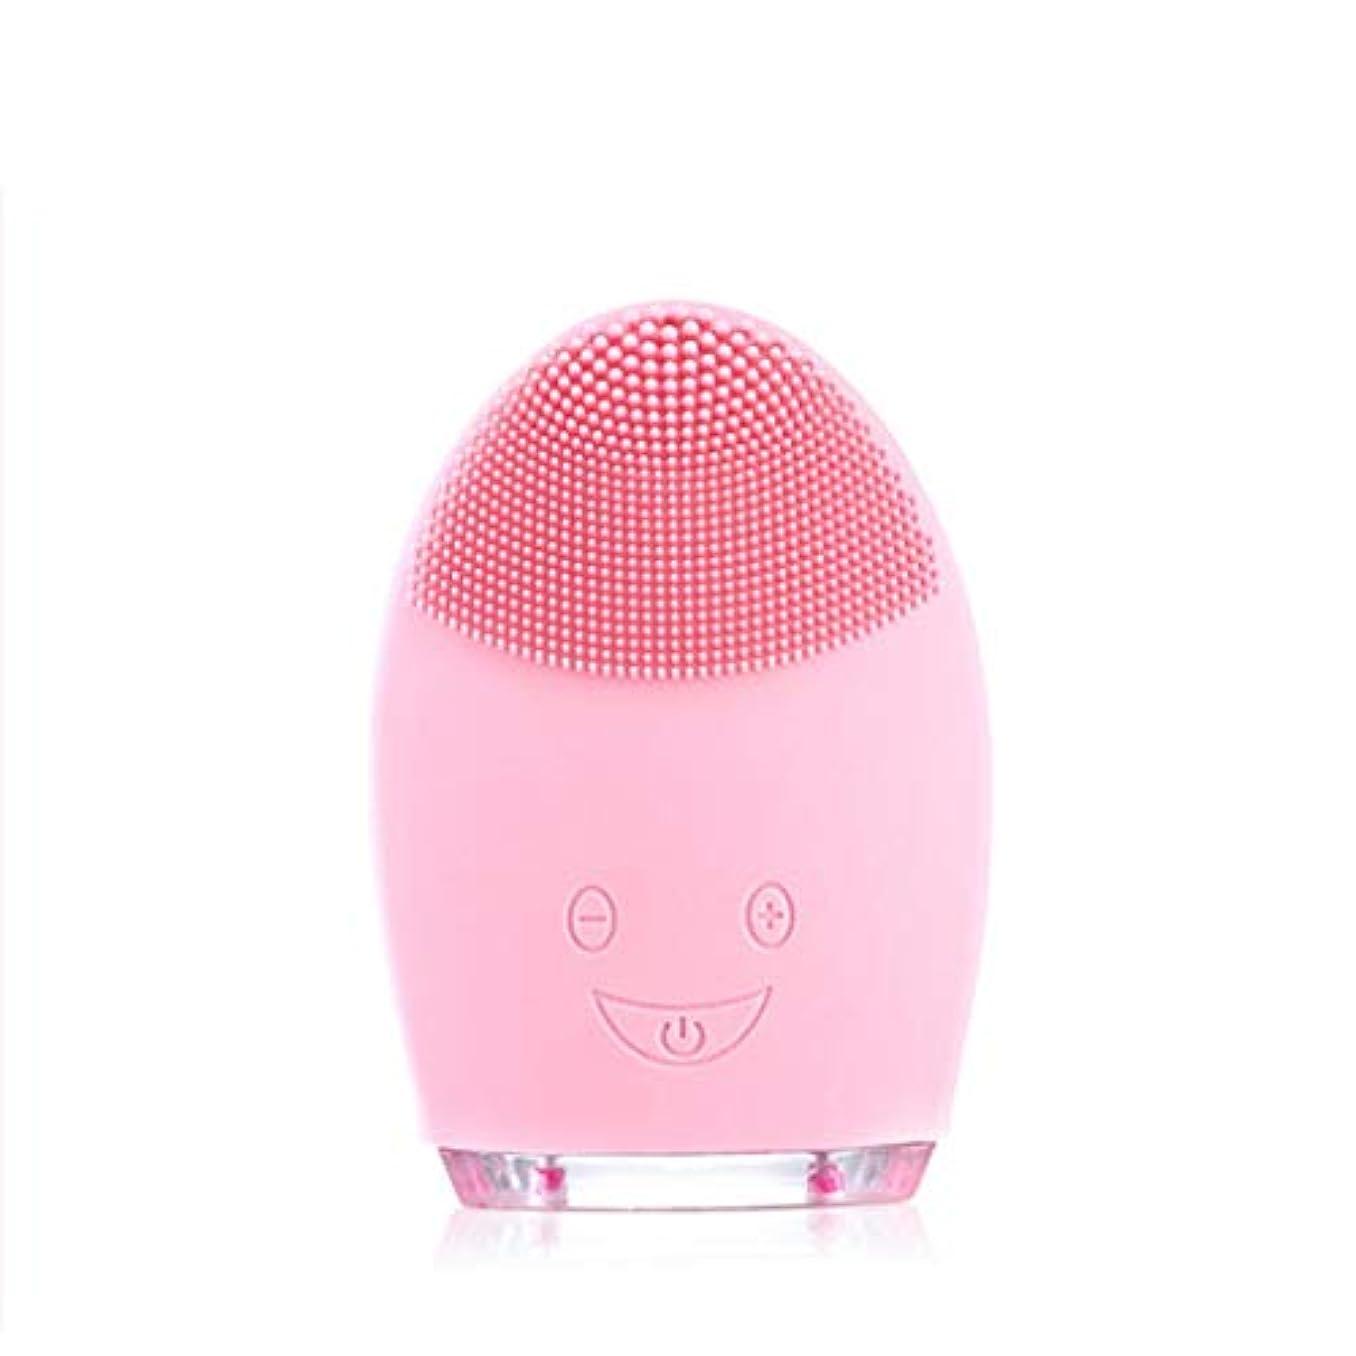 想定する時々いうソニッククレンジングブラシマッサージャー、防水シリコーンクレンザーディープクレンジングスキンケア電気クレンザー、充電式電動シリコーン剥離クレンジングブラシ (Color : Pink)